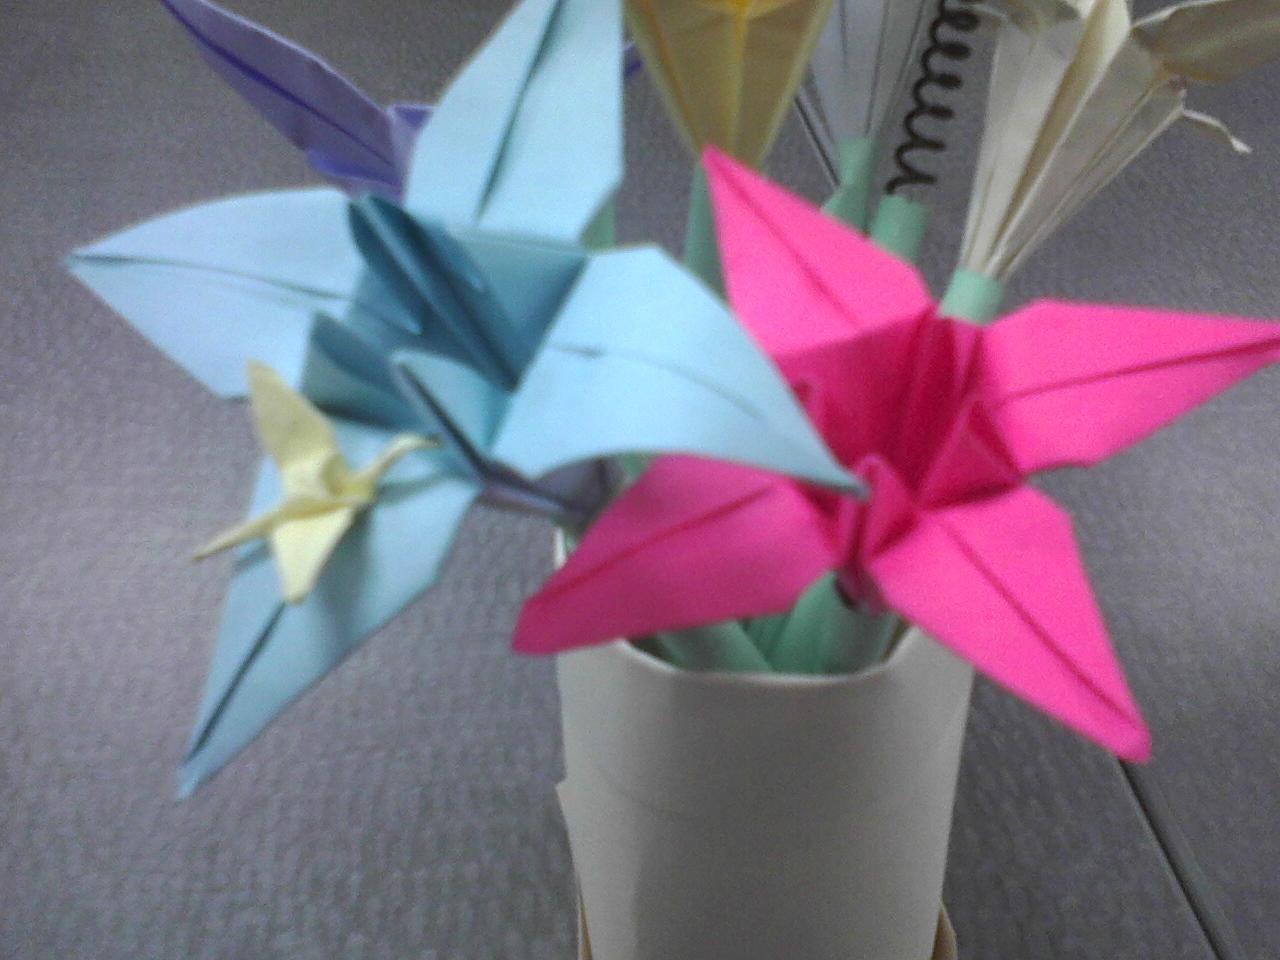 Make A Vase Of Paper Flower Pens 6 Steps